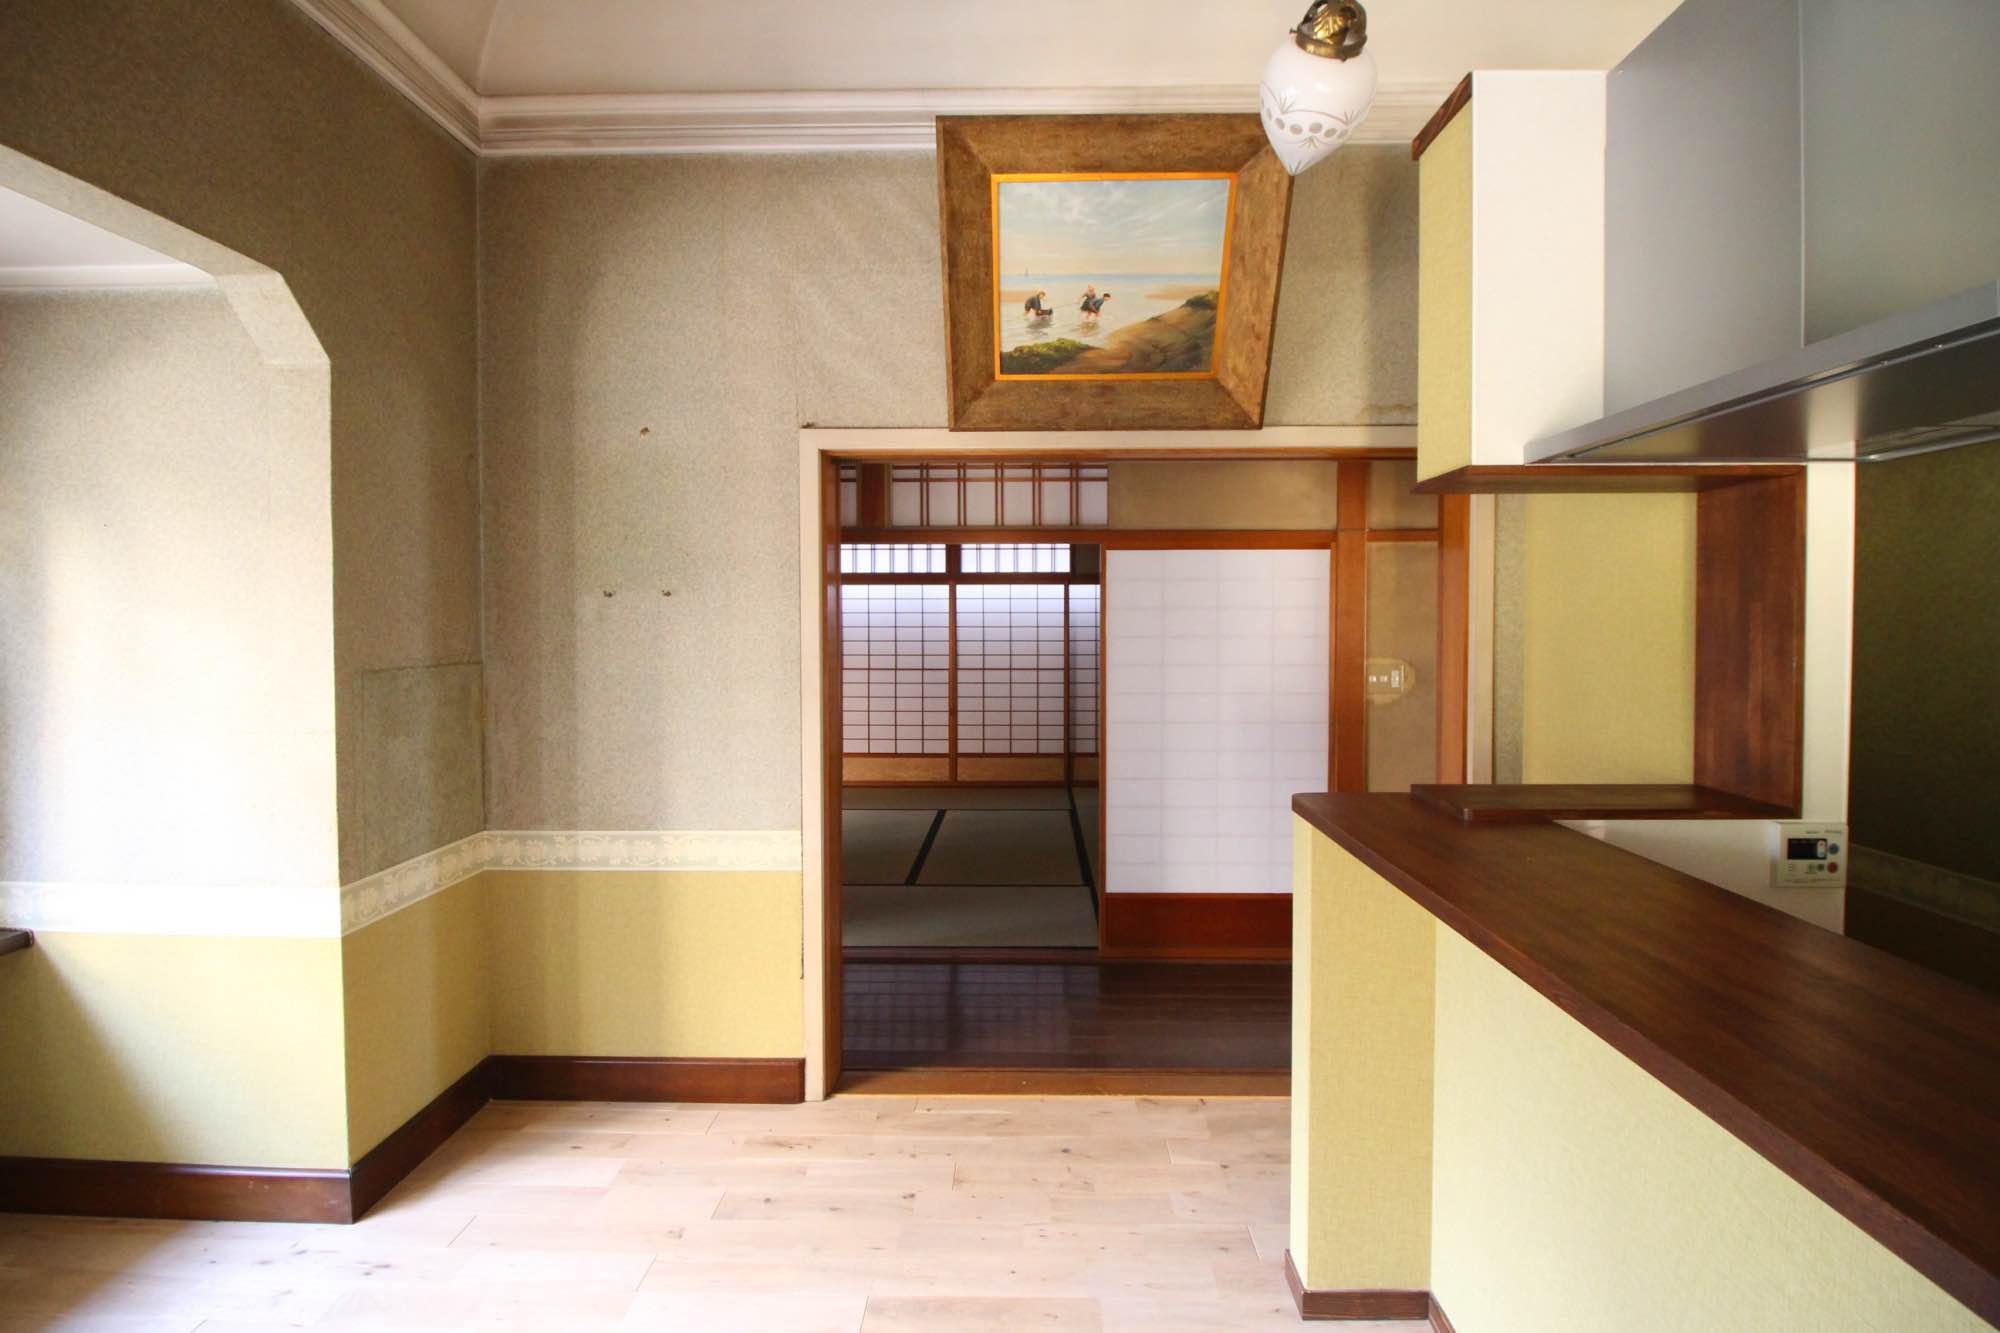 和風建築とキッチンダイニングがこのように繋がっています。